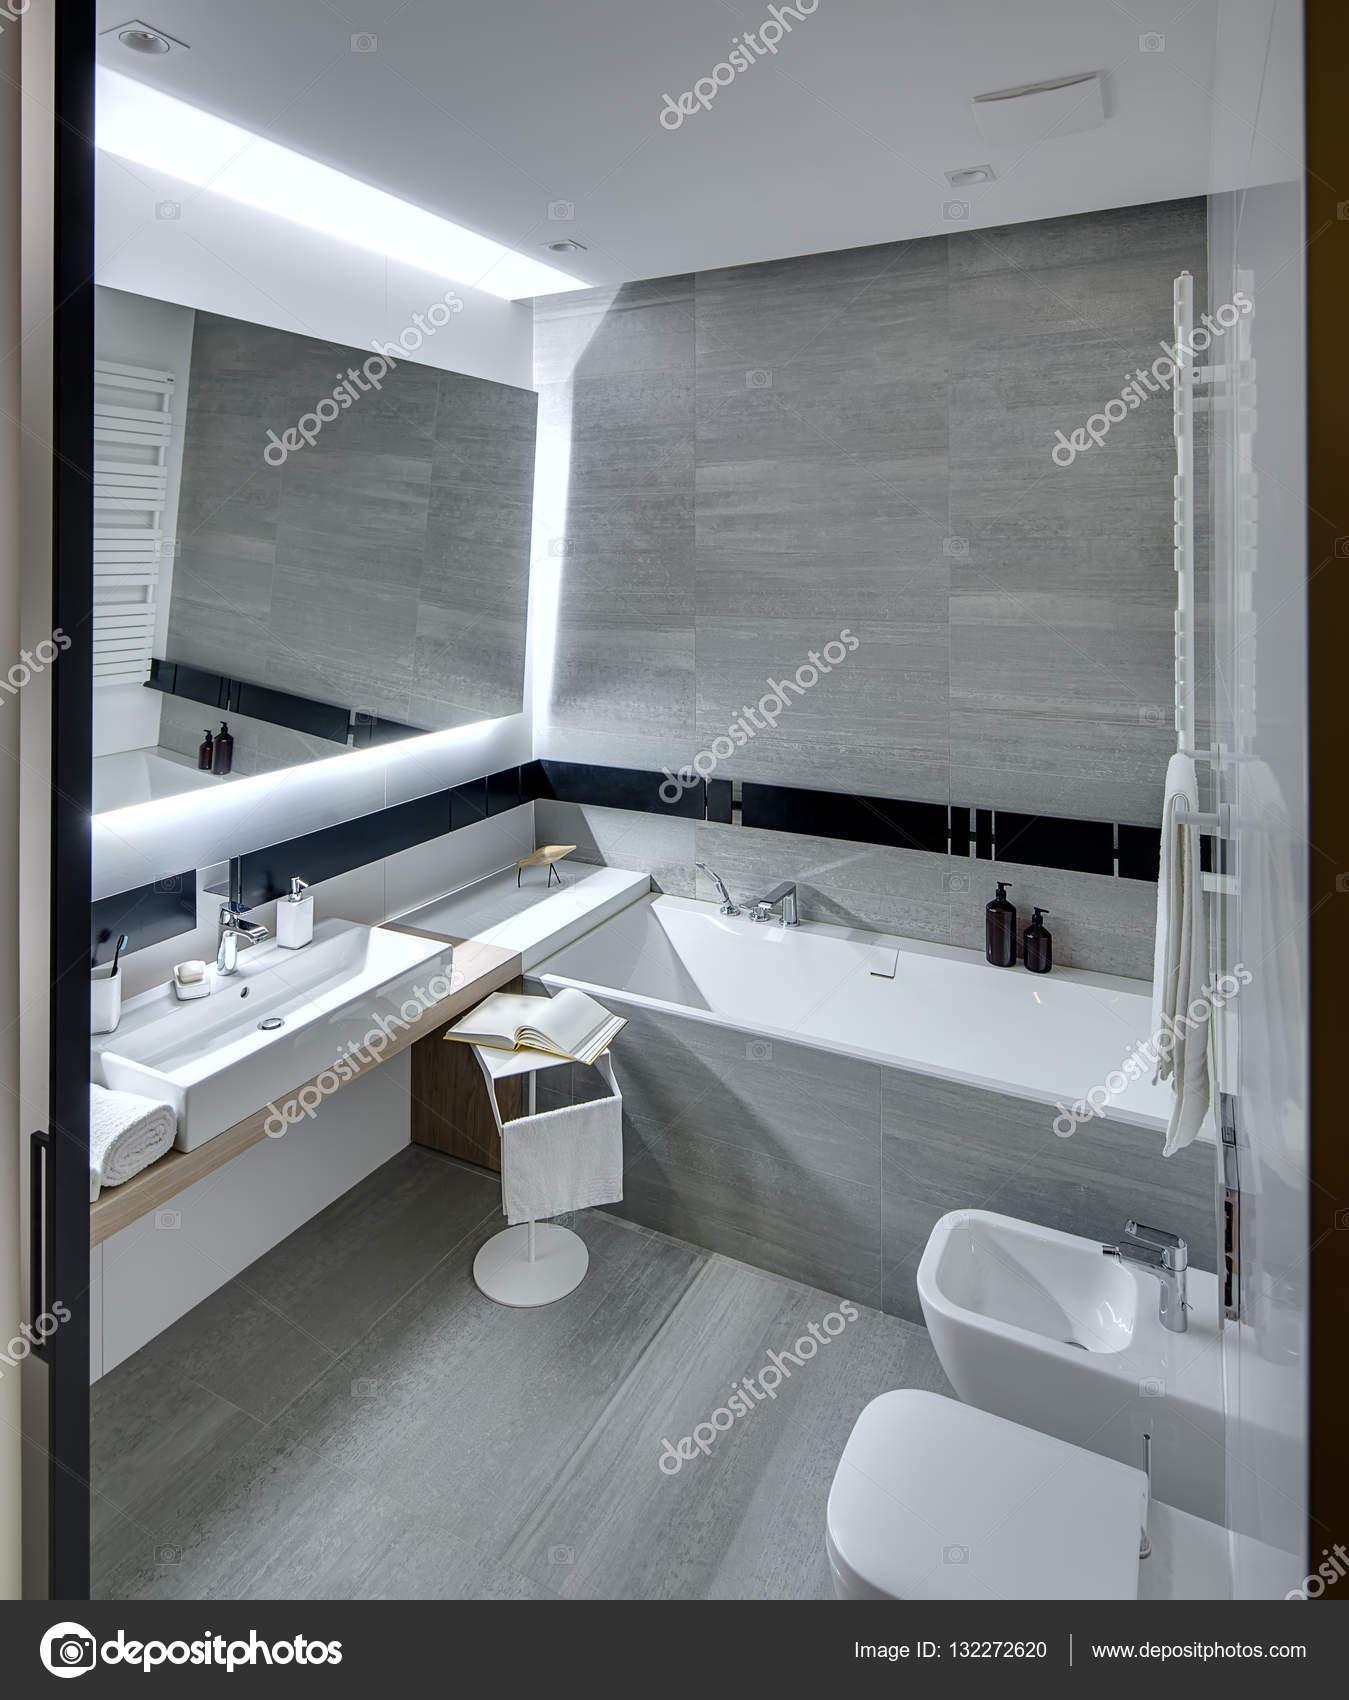 Nowoczesne łazienki Zdjęcie Stockowe Bezikus 132272620